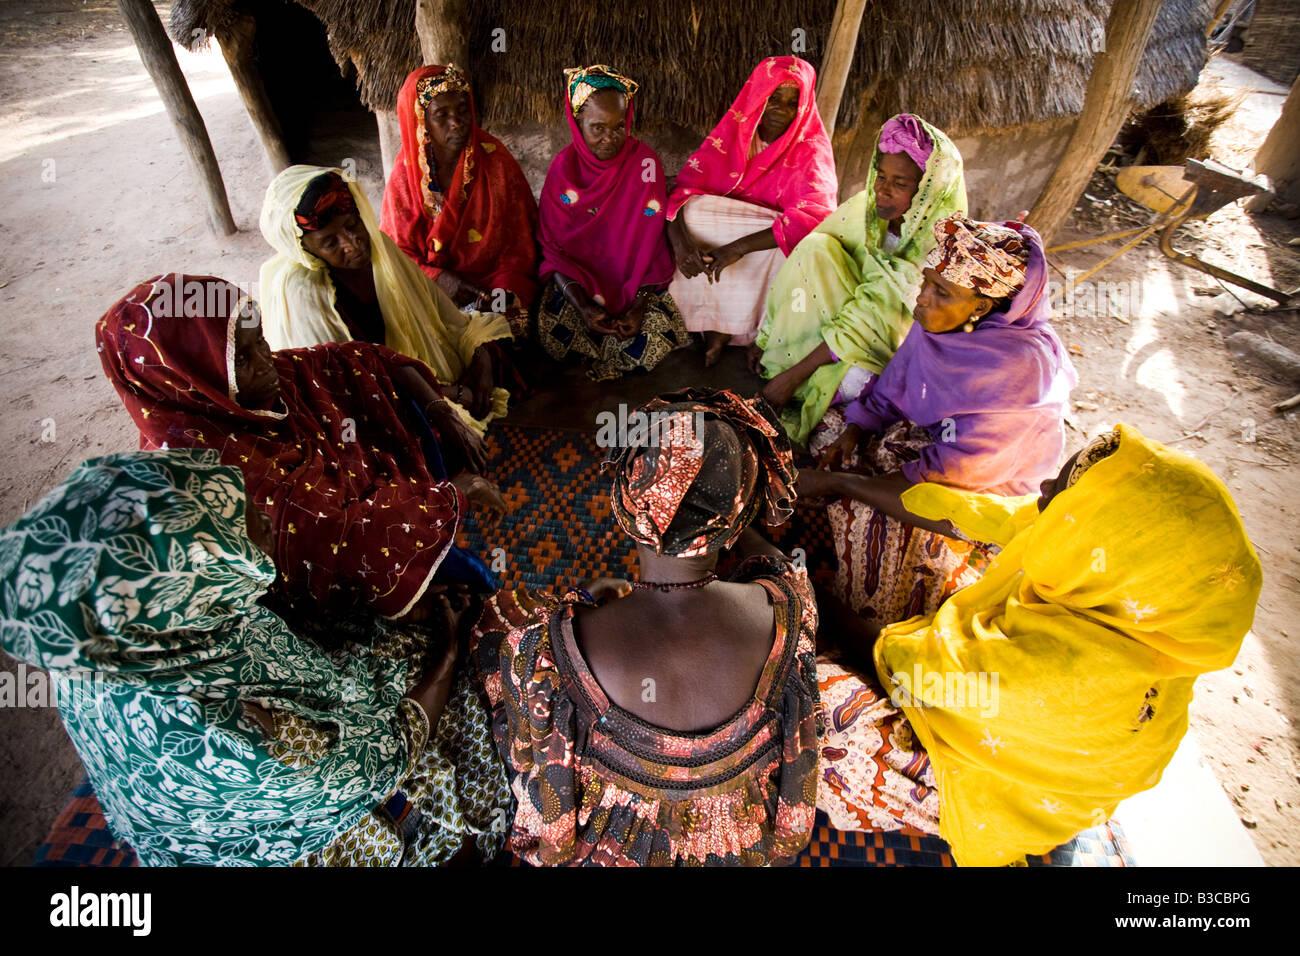 Un groupe de femmes se rassemblent pour discuter dans le village de Darou Hidjeratou, Sénégal Photo Stock